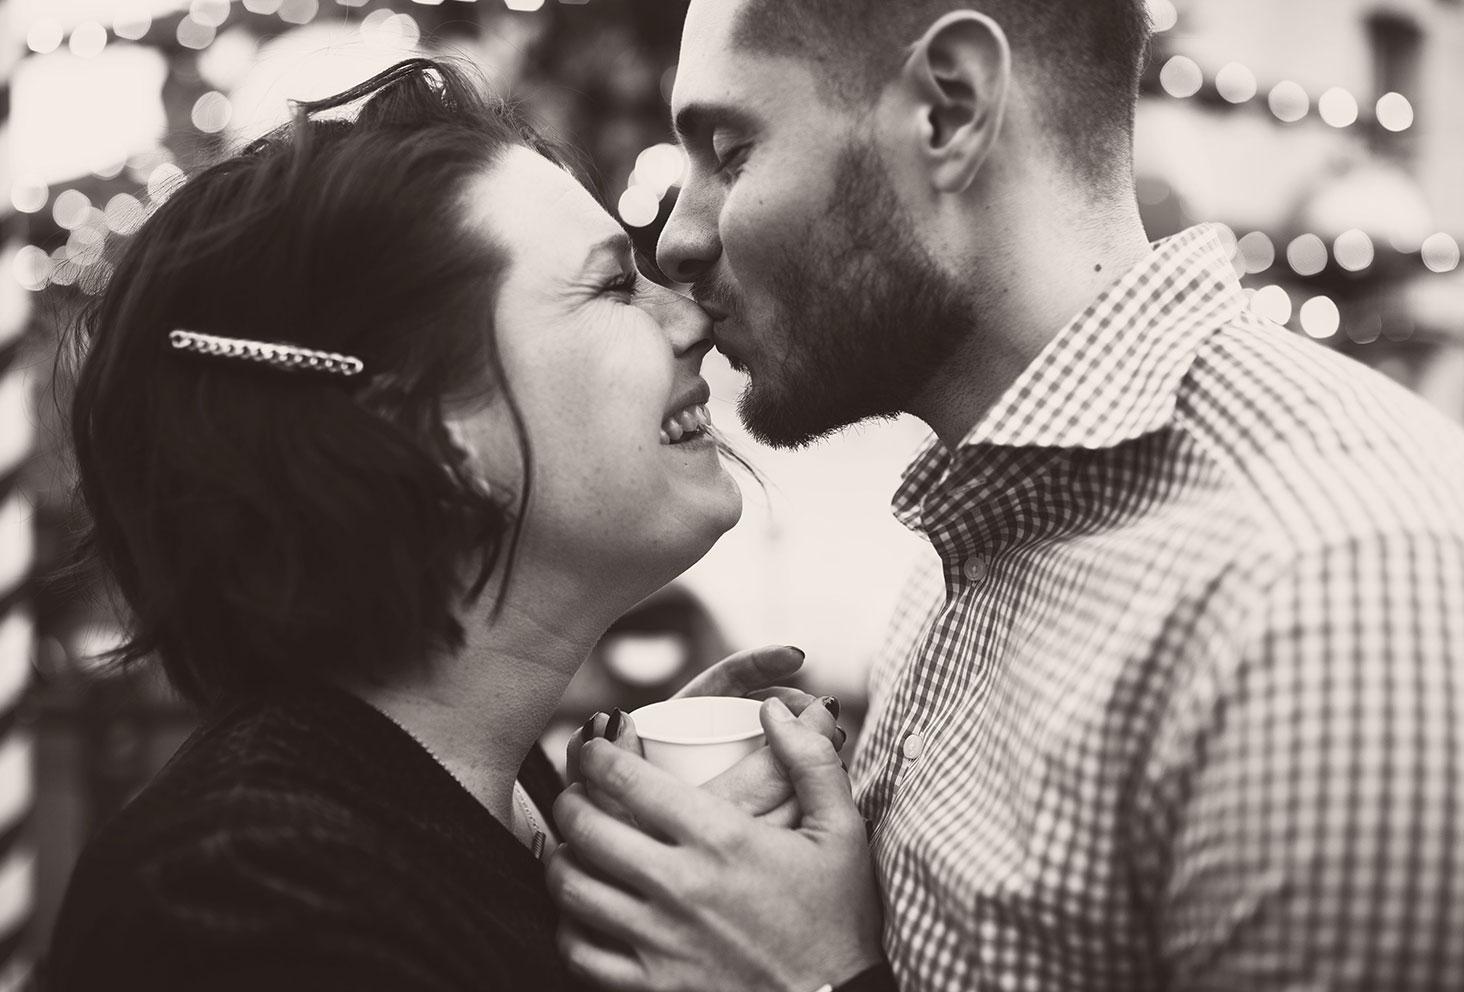 Bisou de mon amoureux sur le nez en noir et blanc pour fêter les 4 ans de blog